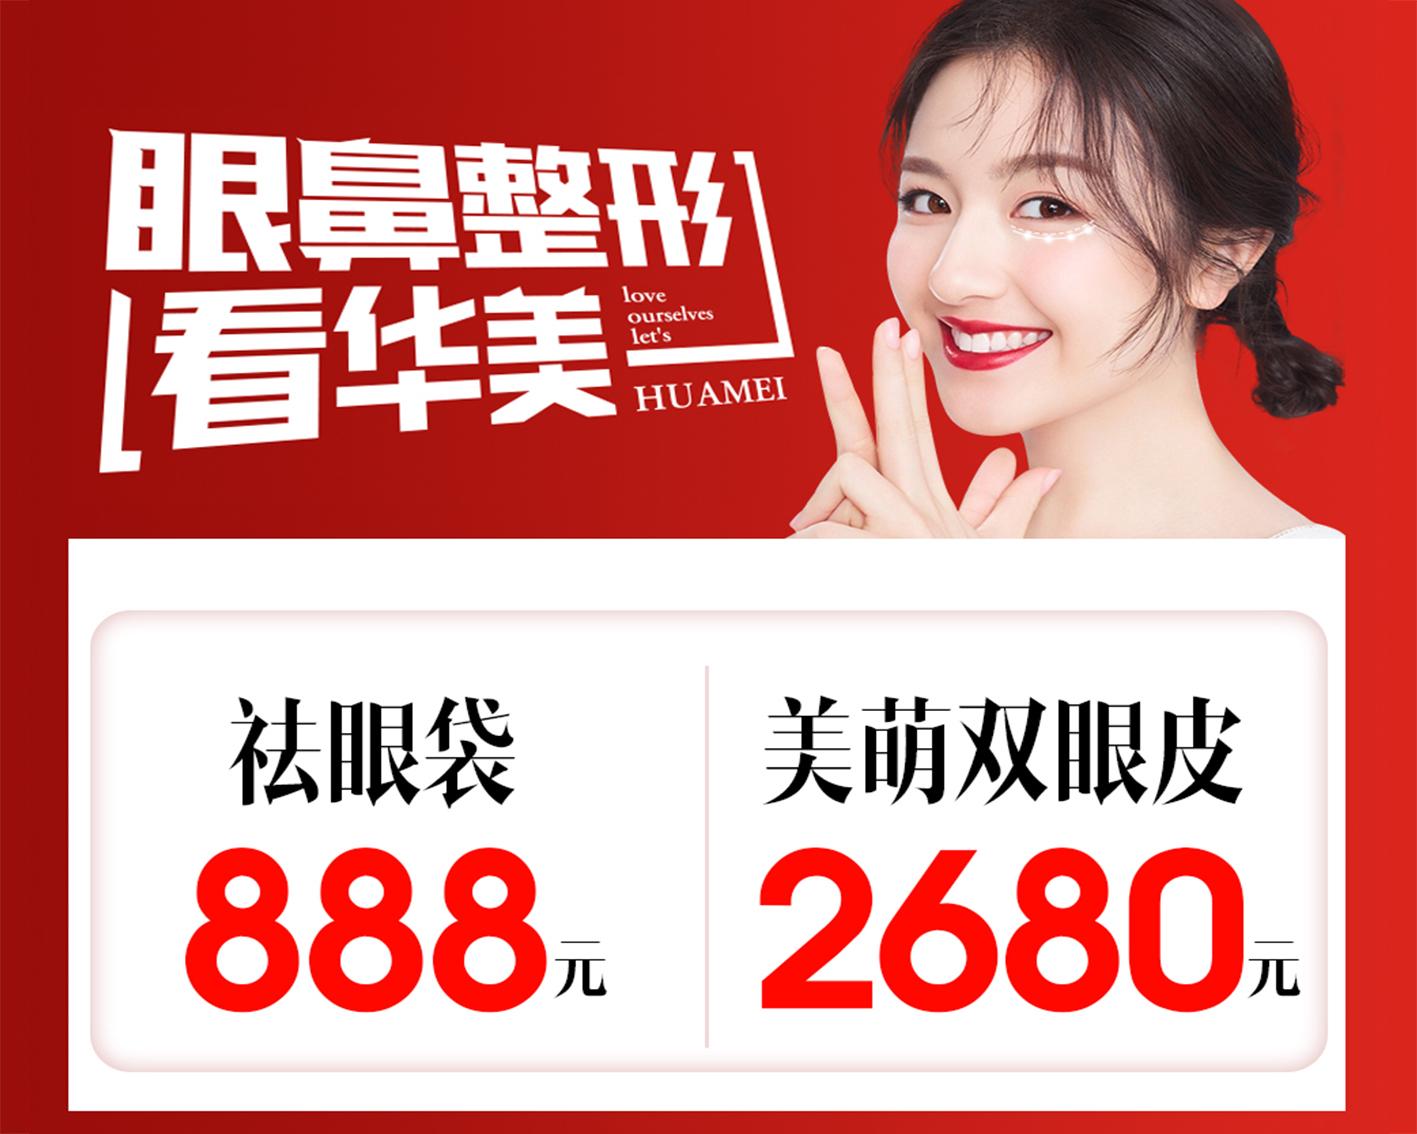 重慶市萬州區華美整形美容醫院有限公司